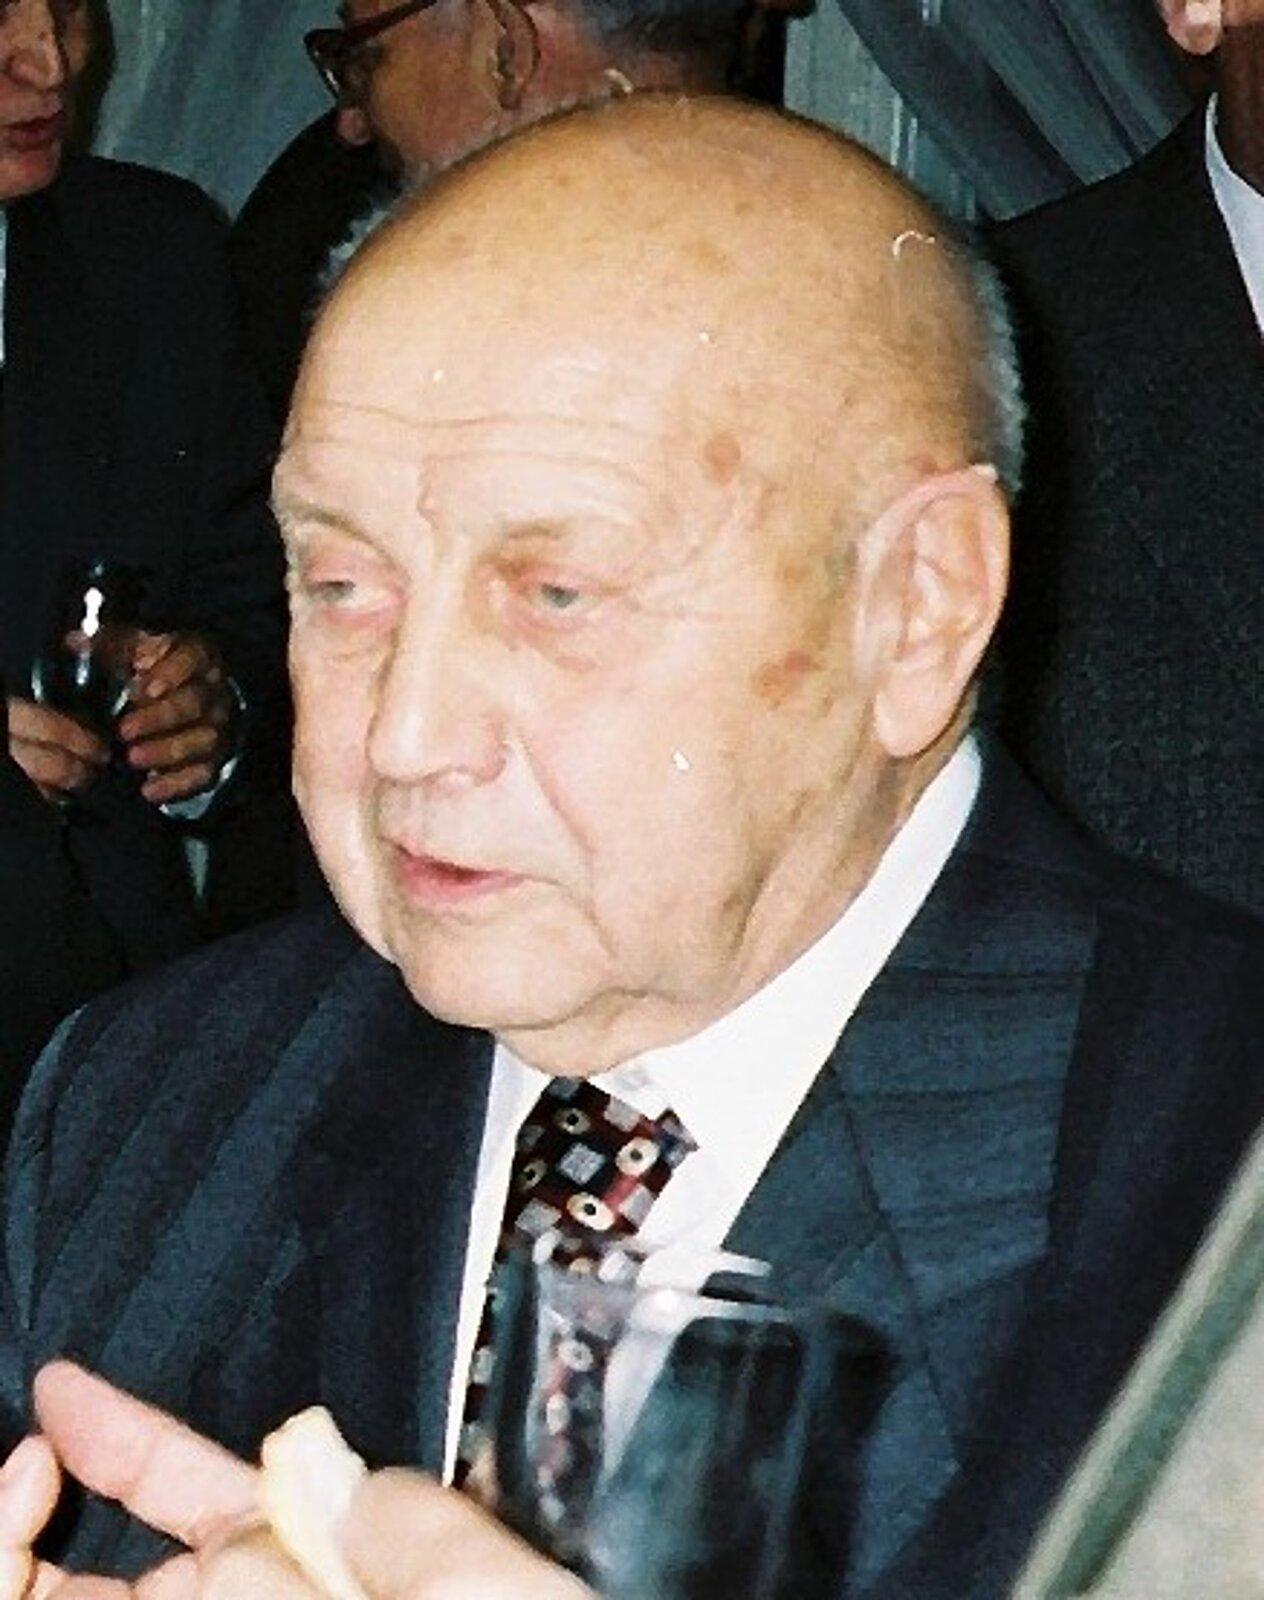 Na zdjęciu popiersie starszego mężczyzna zdużą łysiną. Ubrany wgarnitut ikrawat.